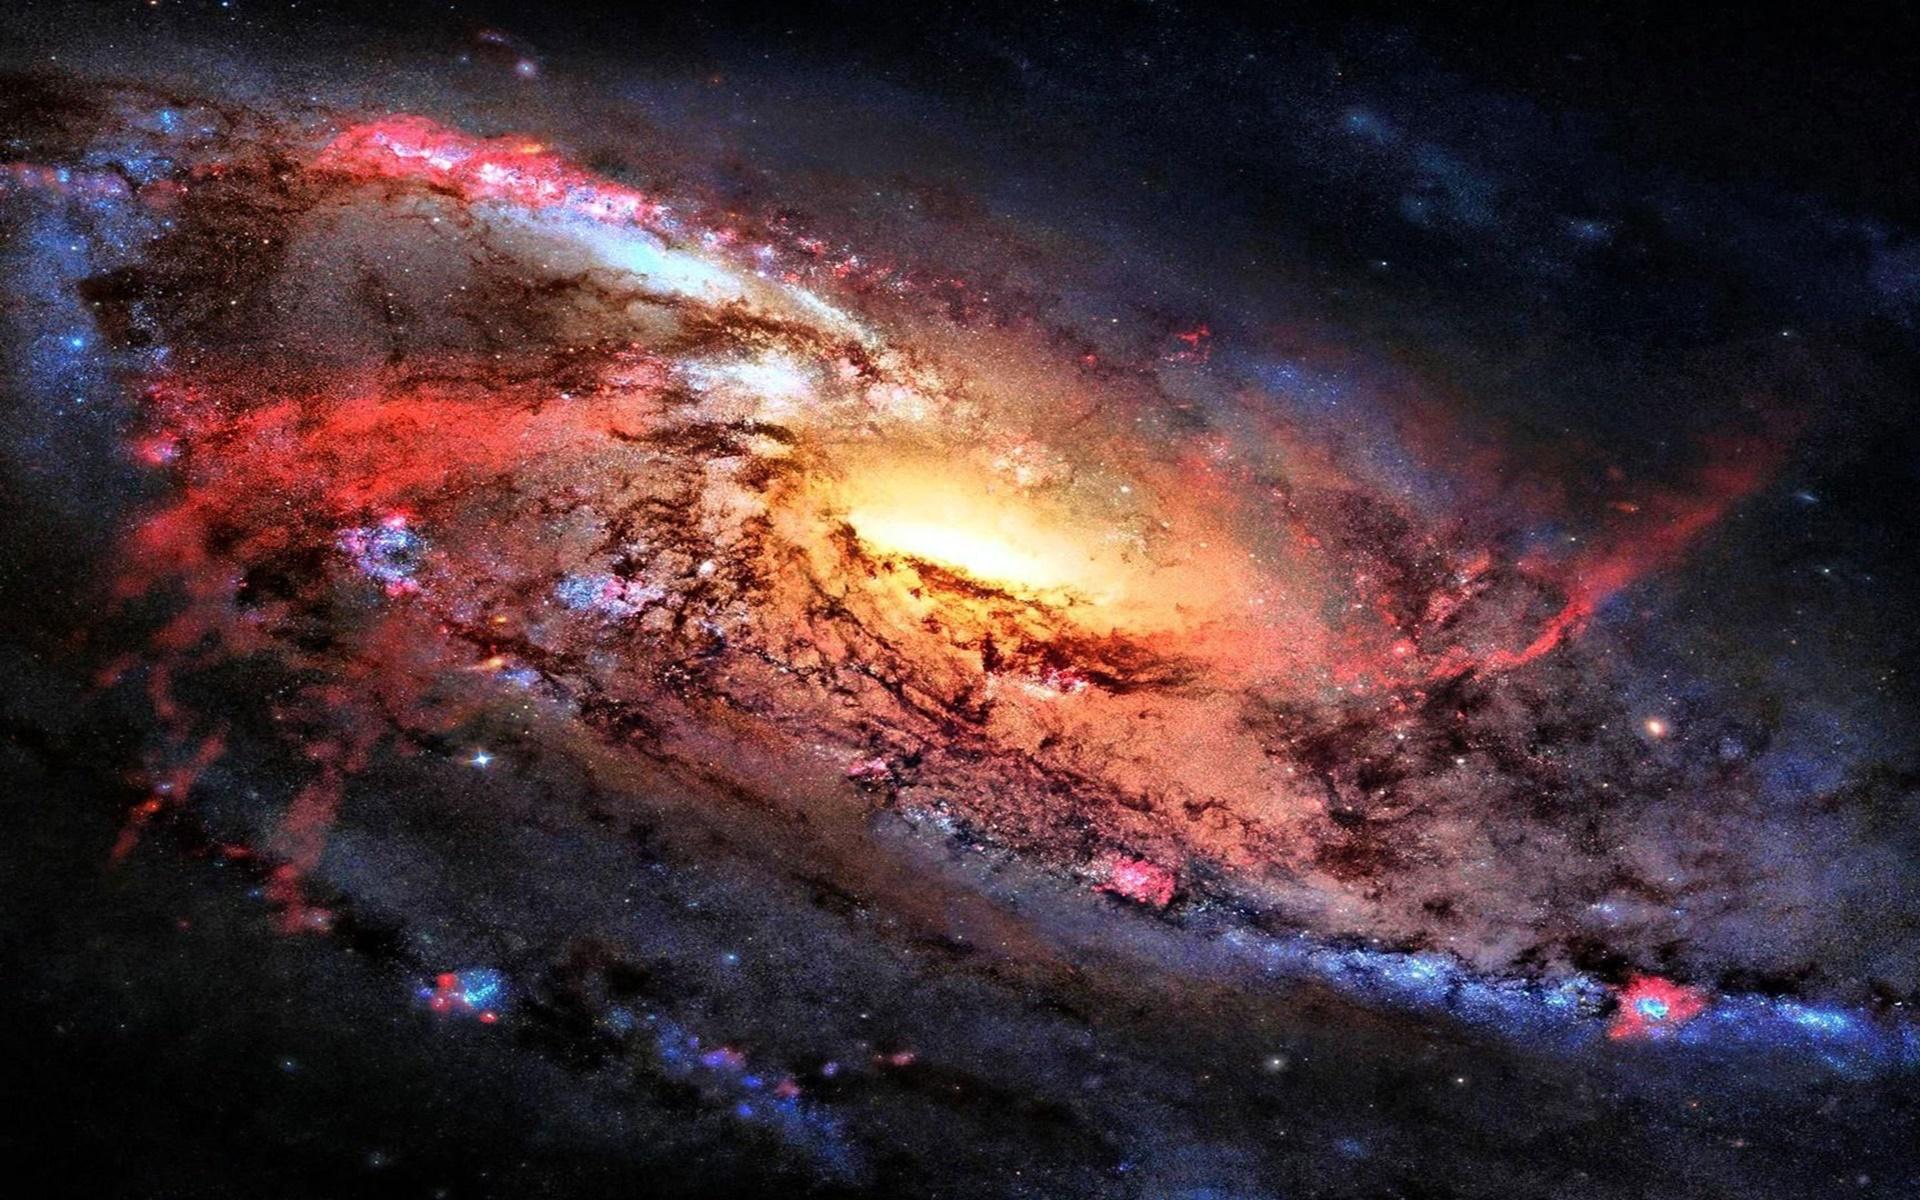 Tấm hình nền siêu chất cho ai thích vũ trụ